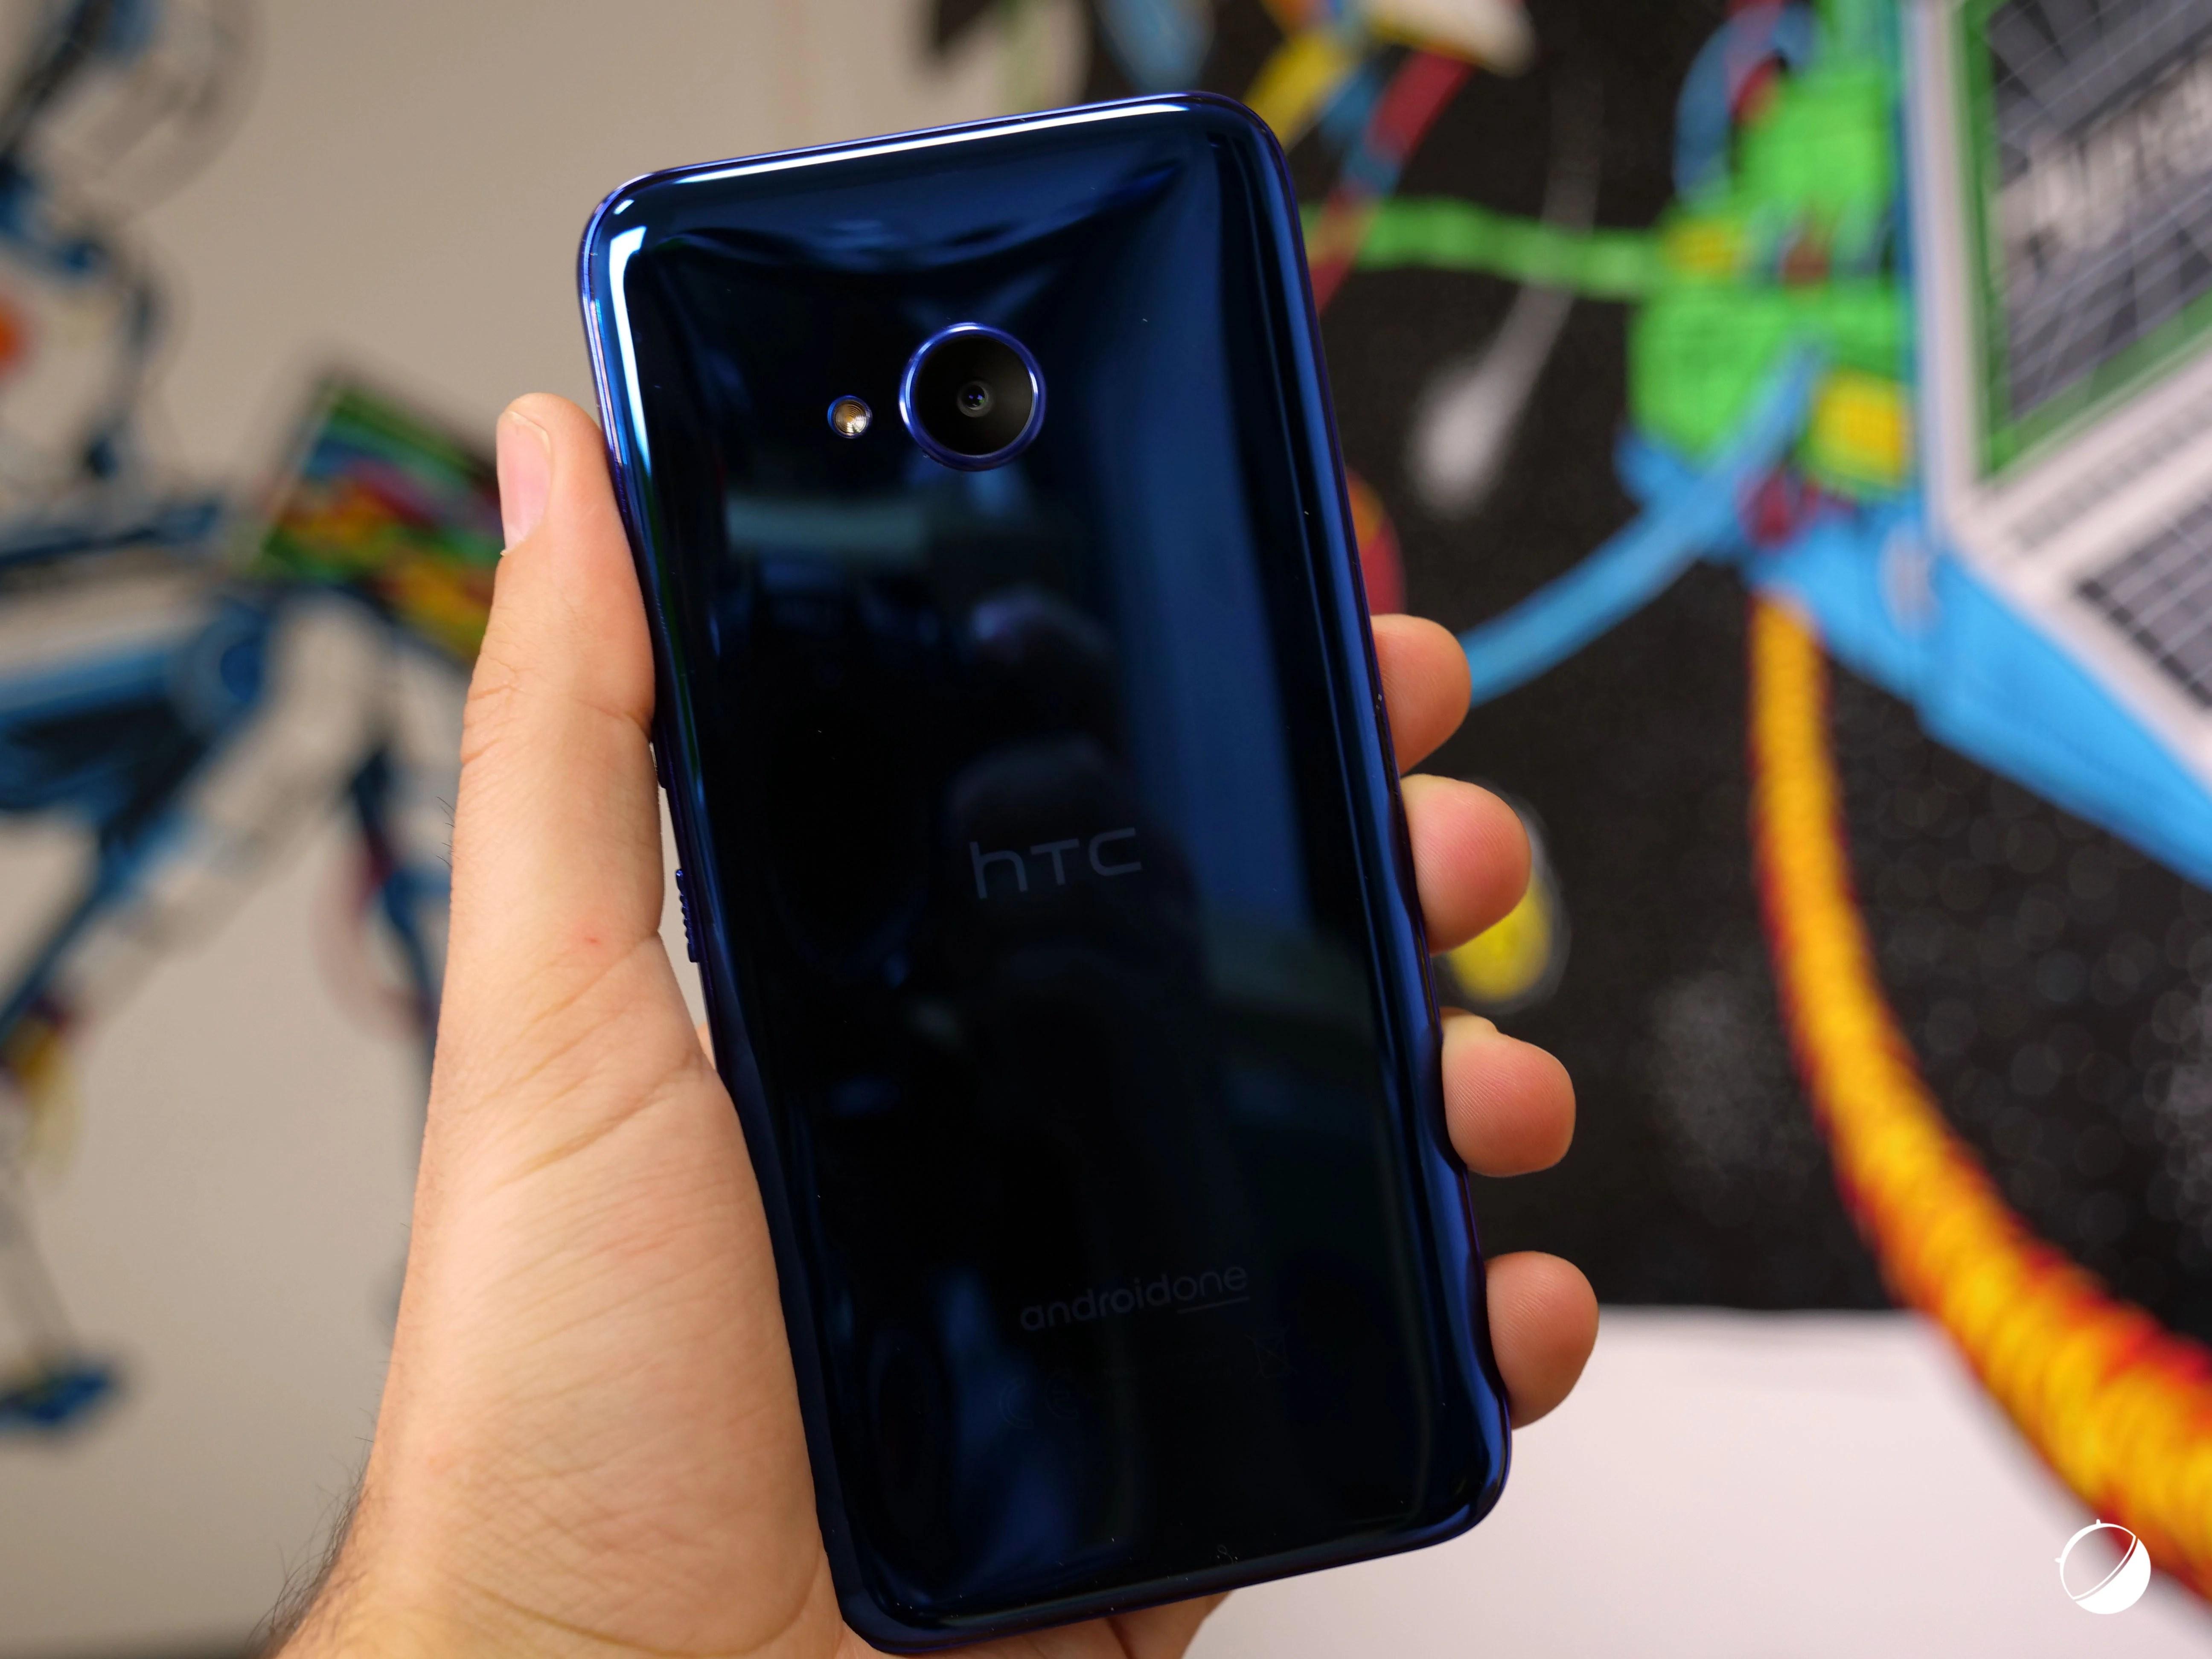 Le HTC U12 Life ne serait pas fabriqué par HTC